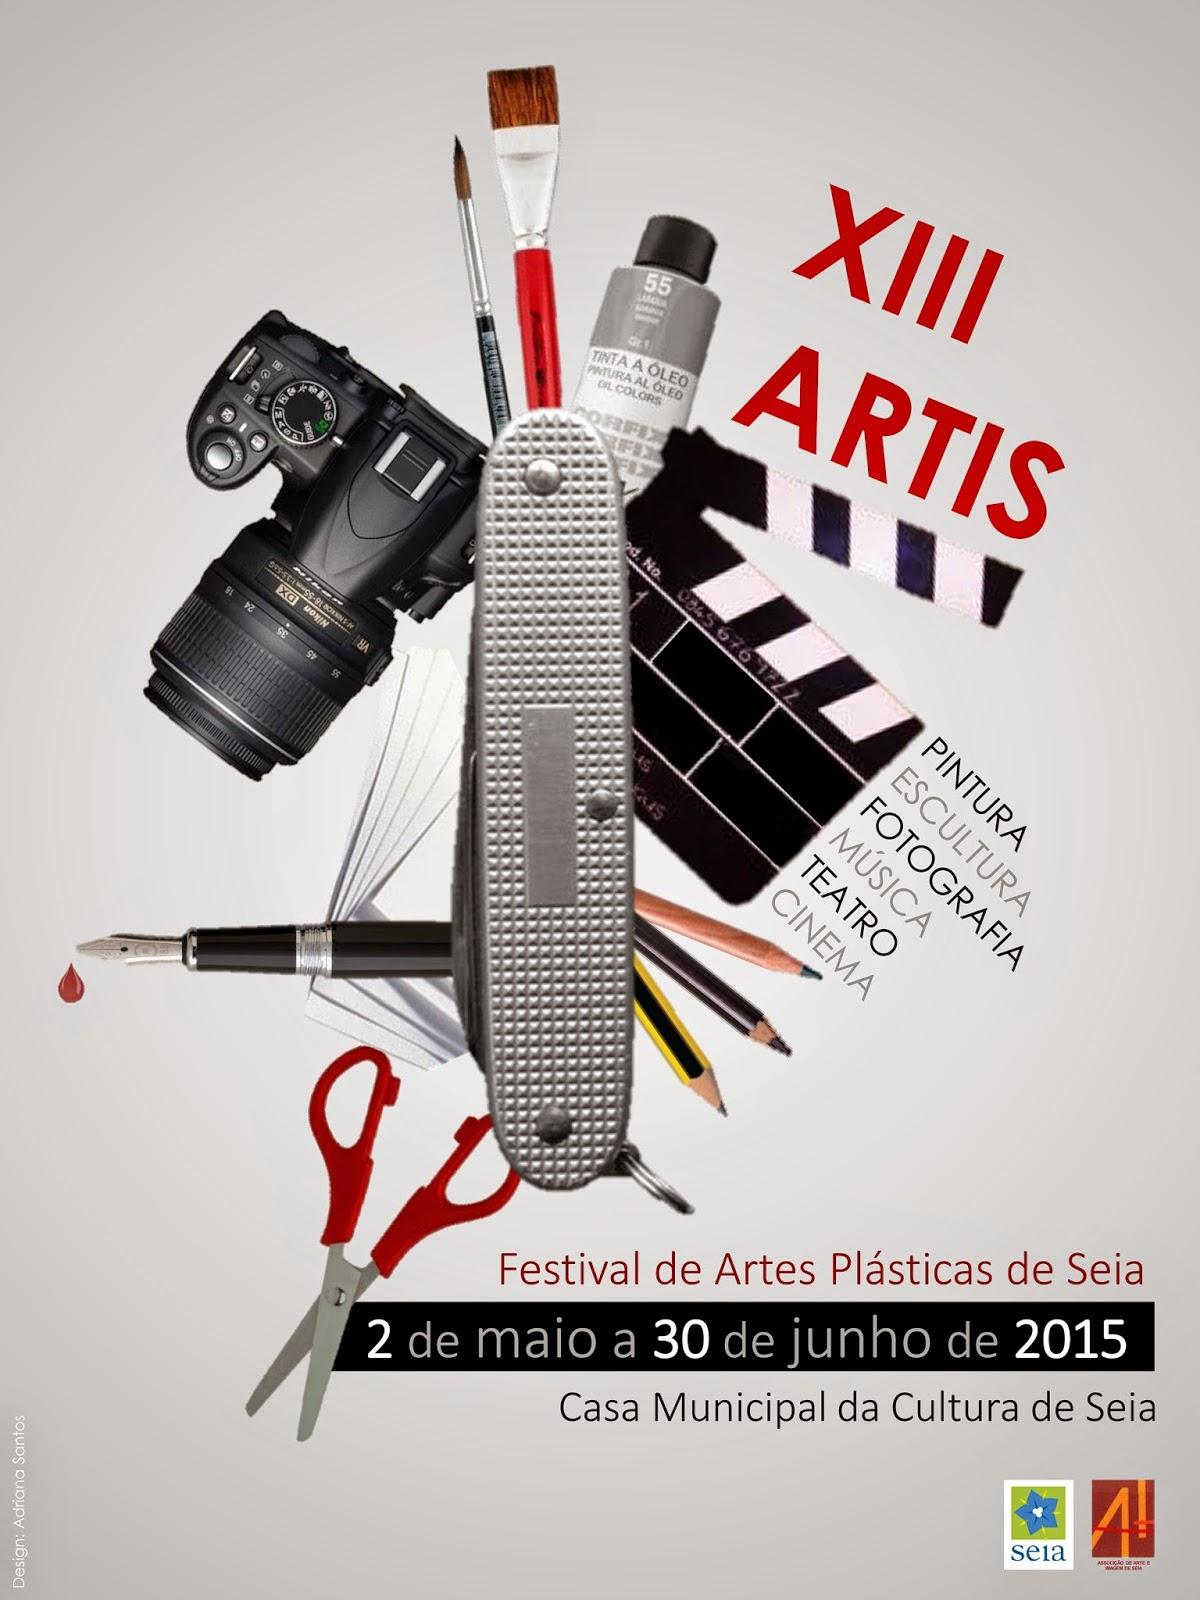 Catálogo ARTIS 2015